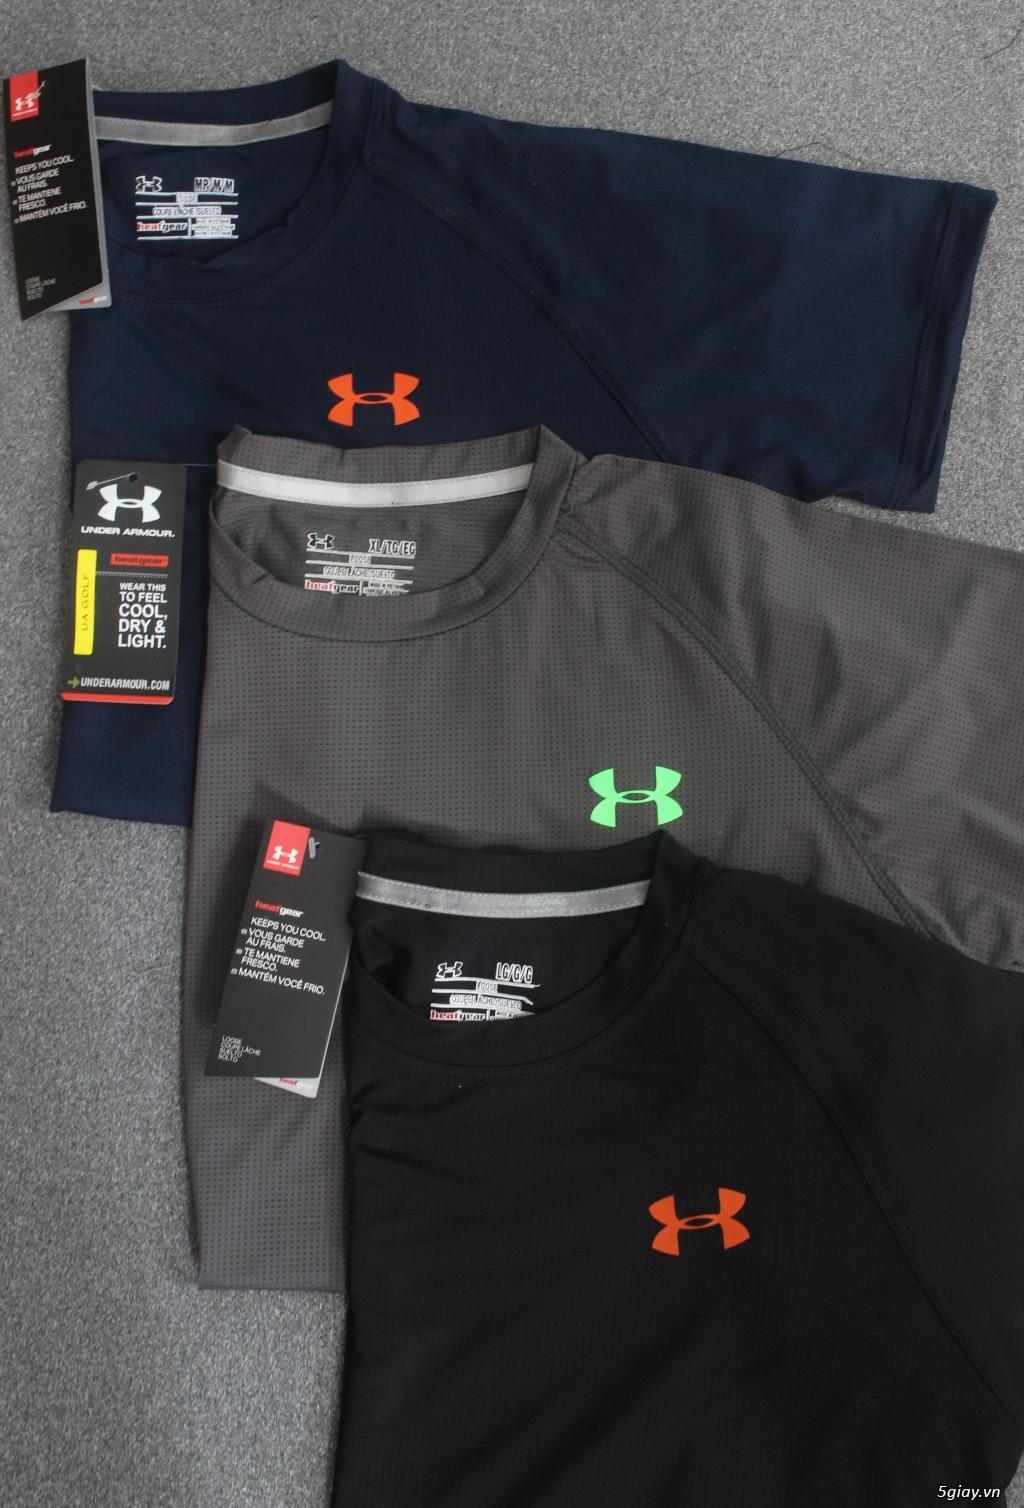 Chuyên cung cấp quần áo thể thao Adidas,Nike,Under Armour,Puma...trên Toàn Quốc giá xưởng - 15